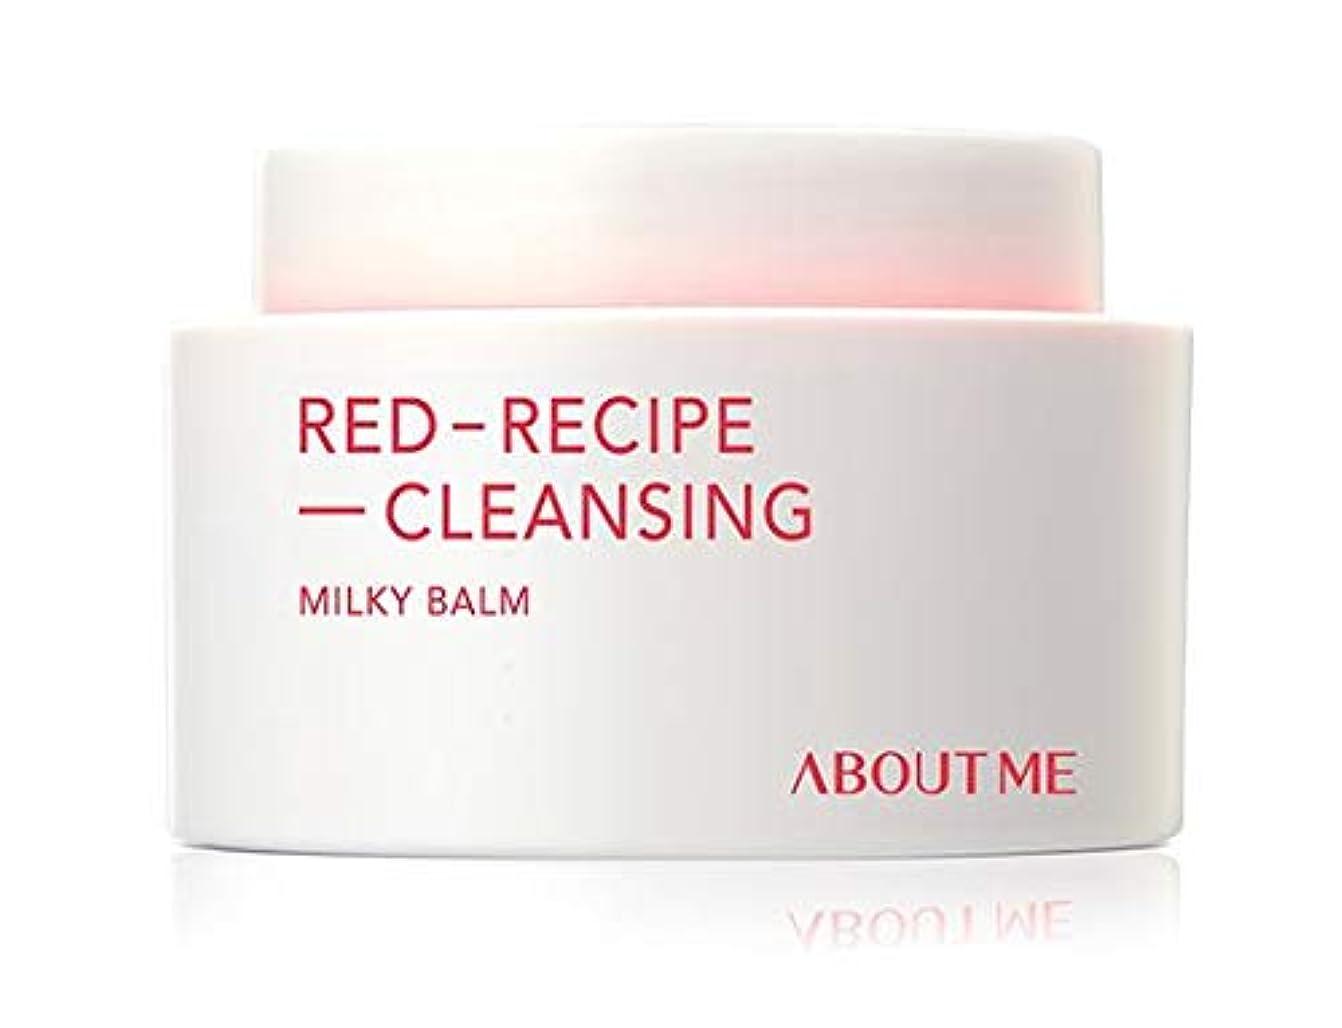 封建絶対のきらめき[ABOUT ME] RED RECIPE CLEANSING MILKY BALM 90ml / [アバウトミー] レッド レシピ クレンジング ミルキー バーム 90ml [並行輸入品]